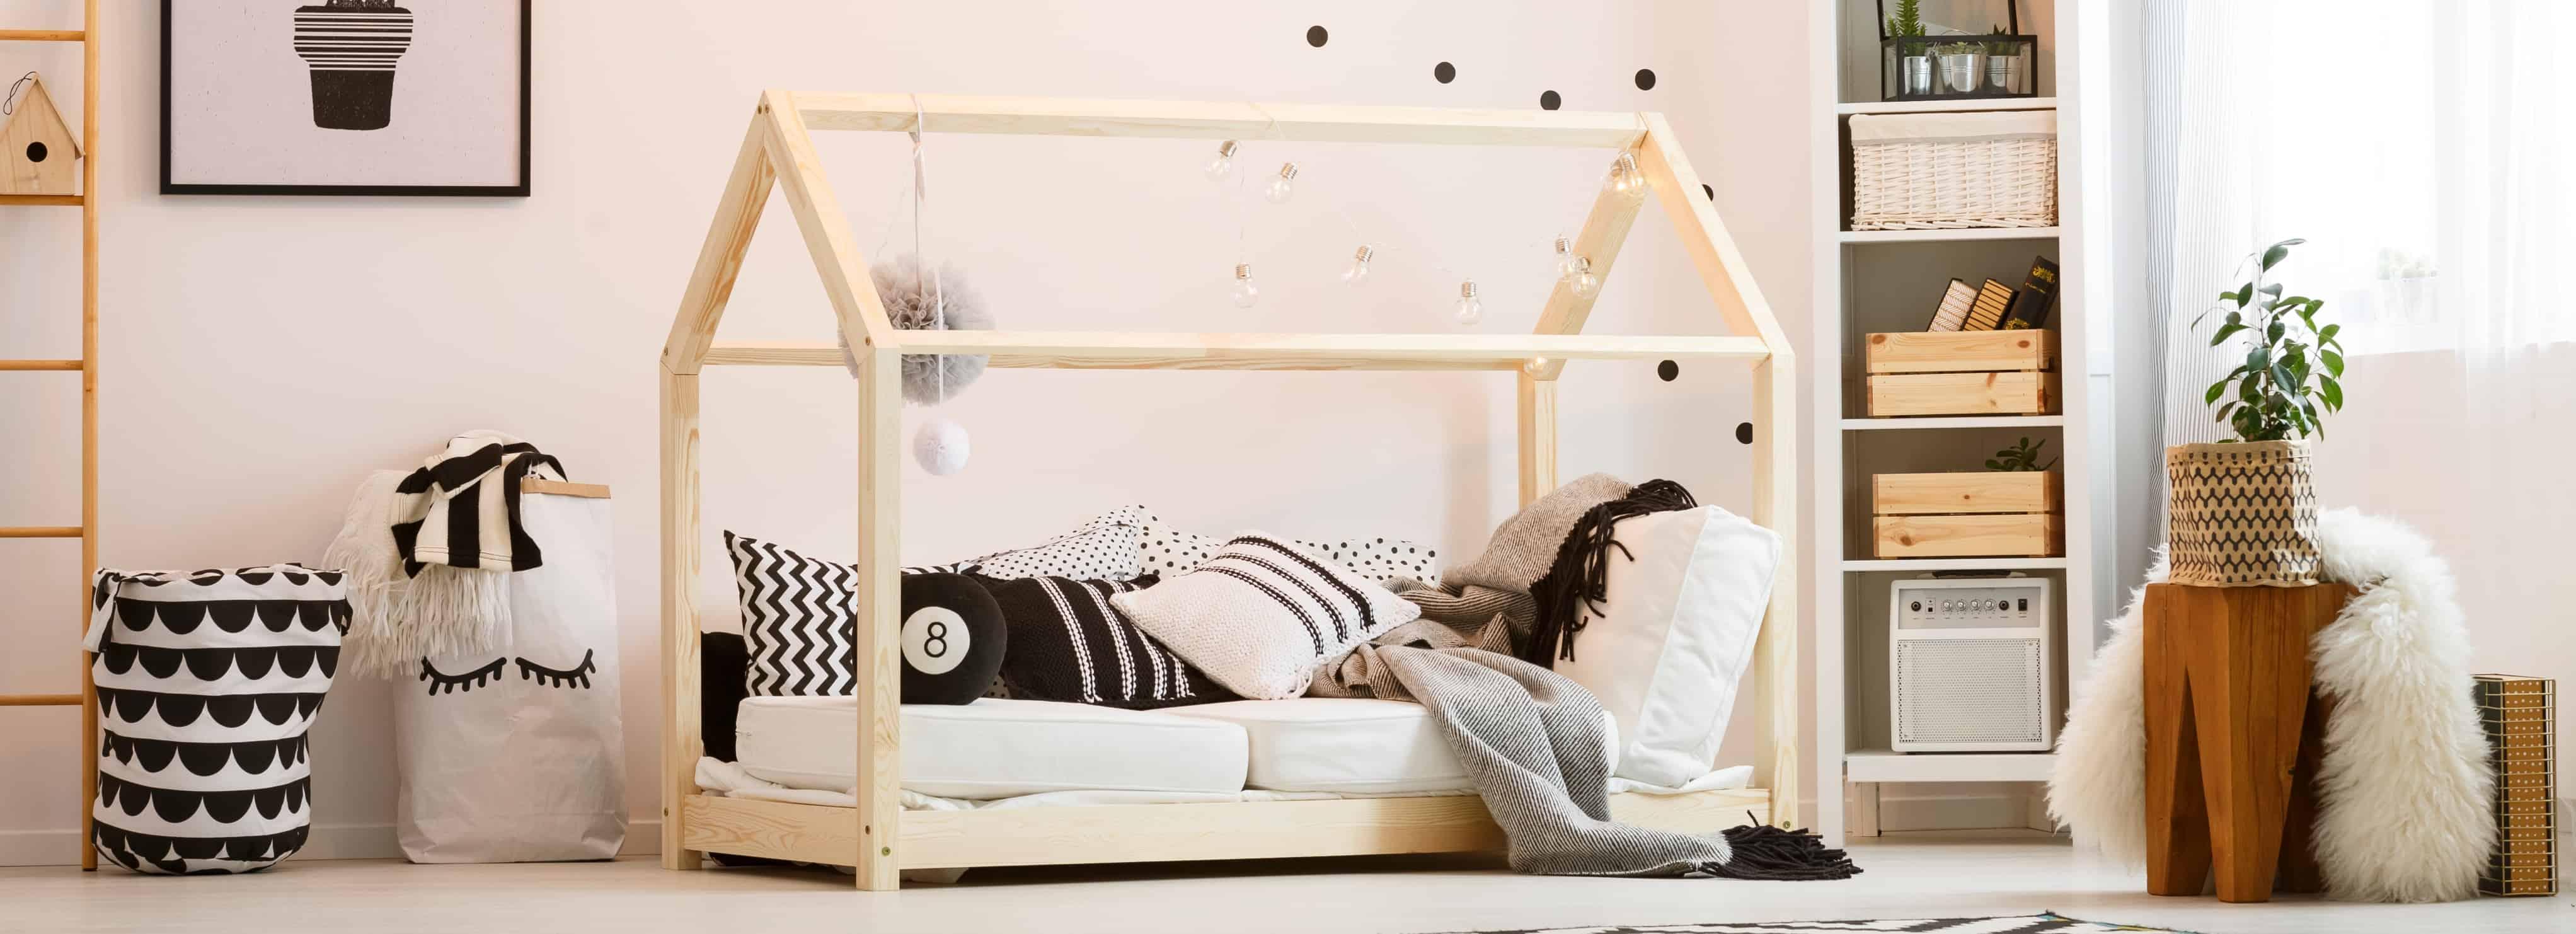 Cama montessori em quarto infantil.